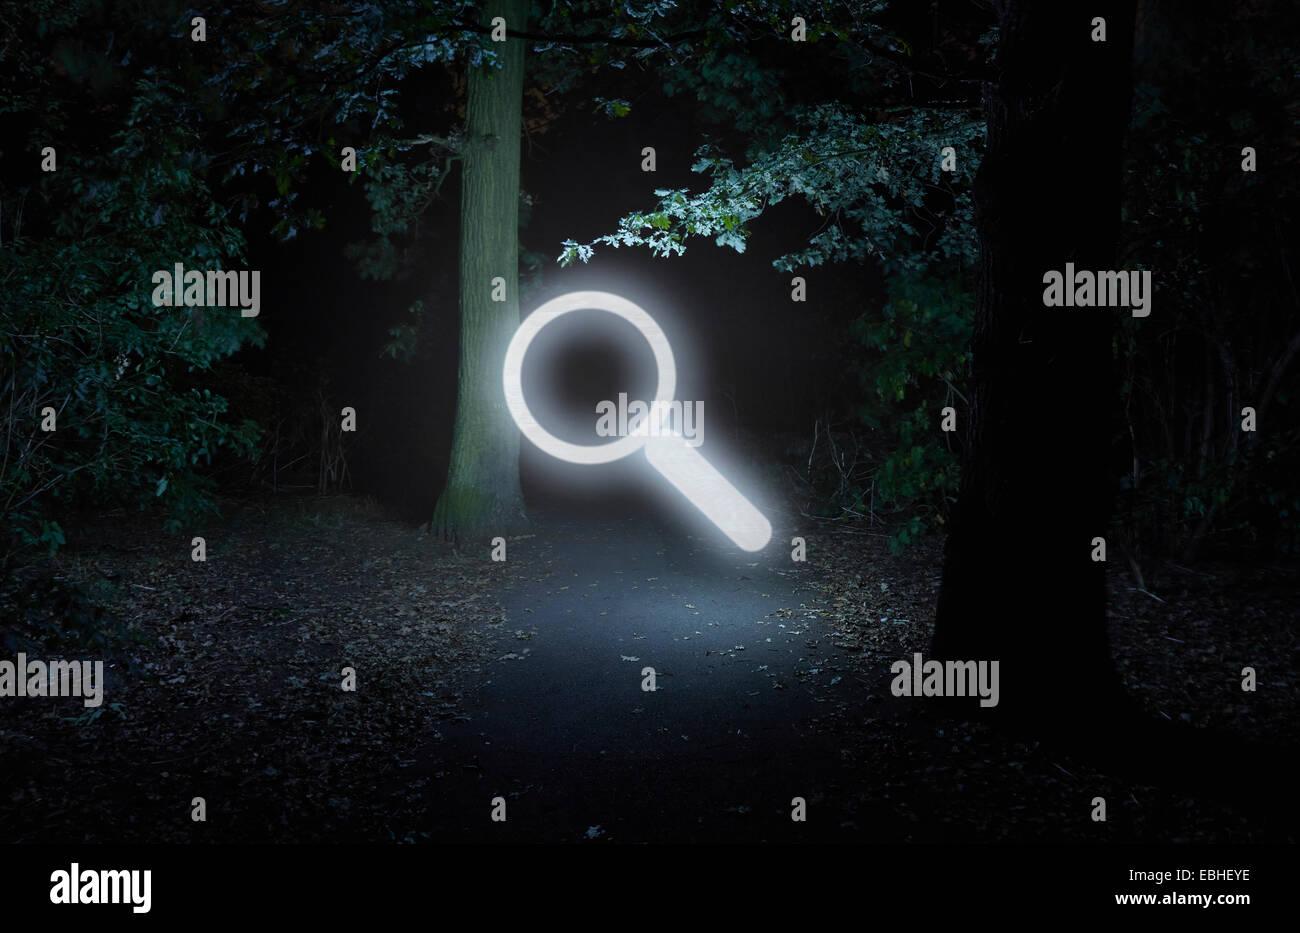 Foresta di notte, con illuminato il simbolo di ricerca Immagini Stock